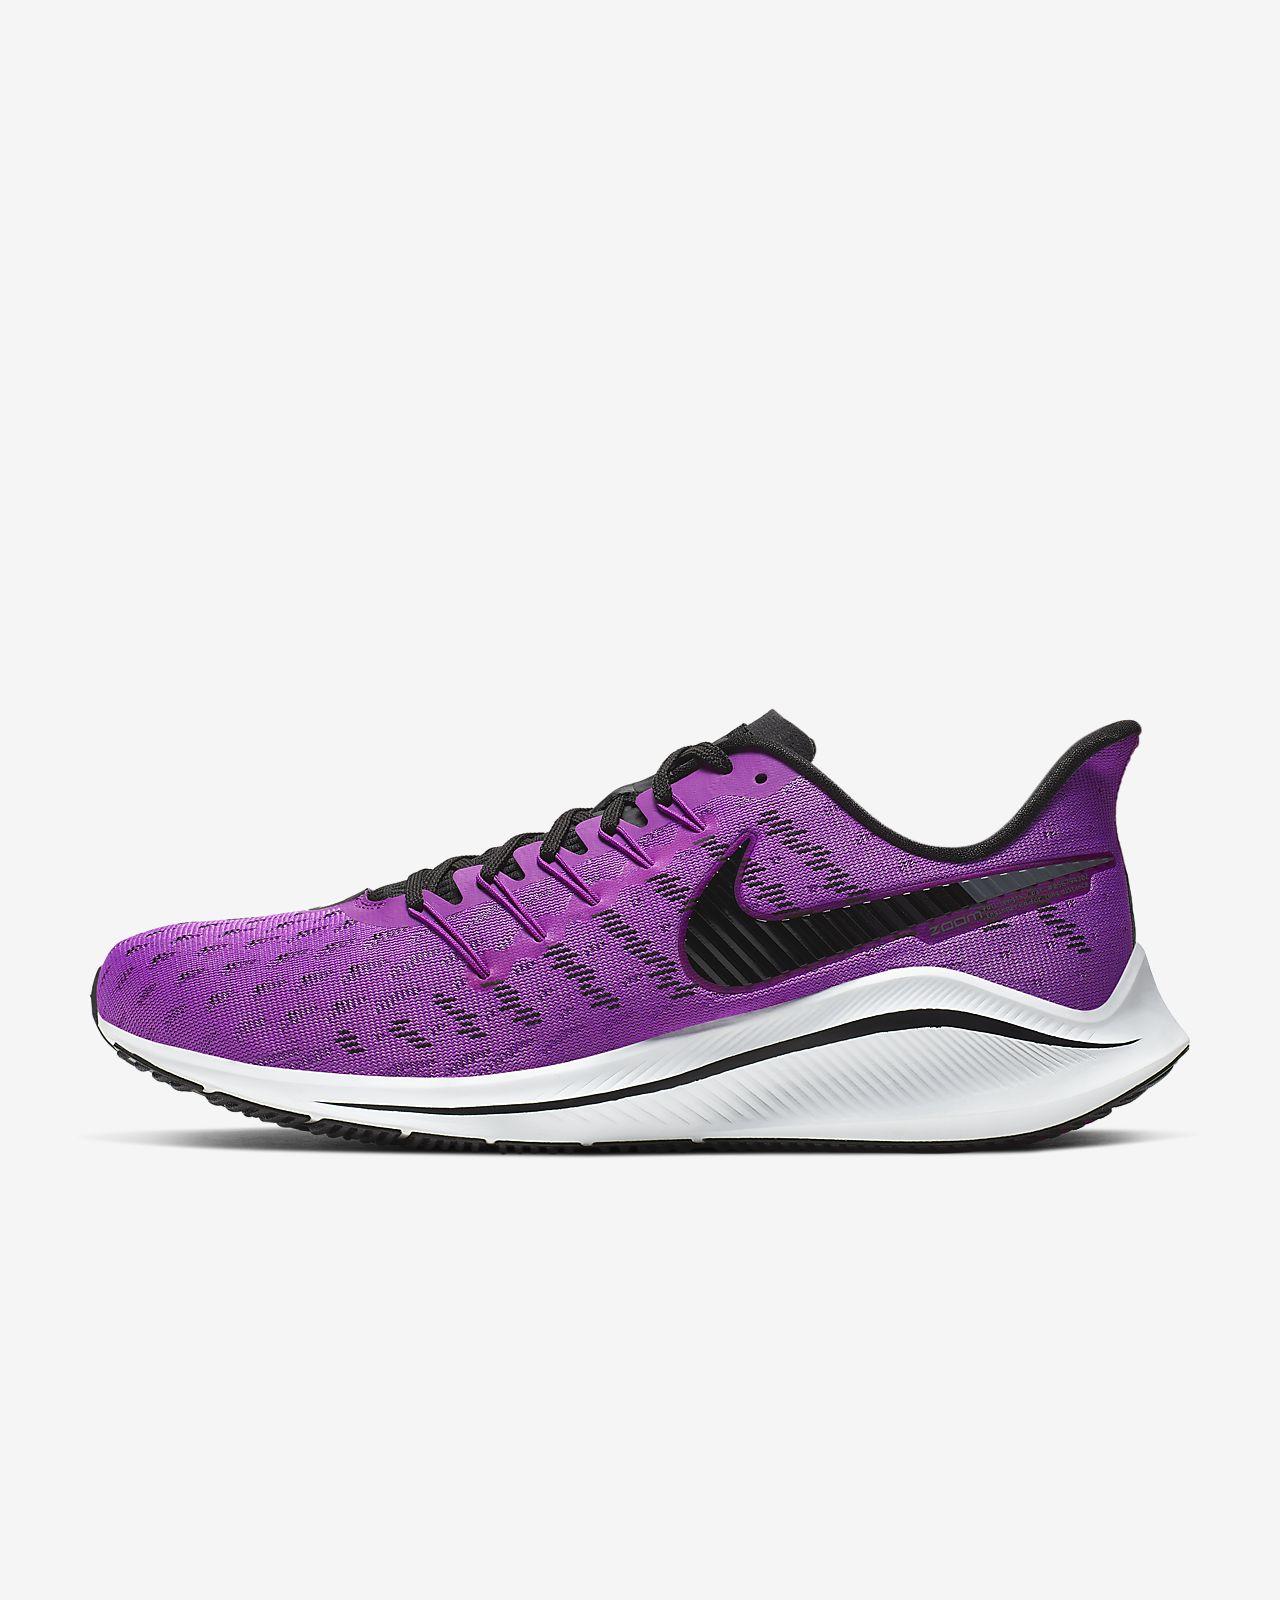 Pánská běžecká bota Nike Air Zoom Vomero 14